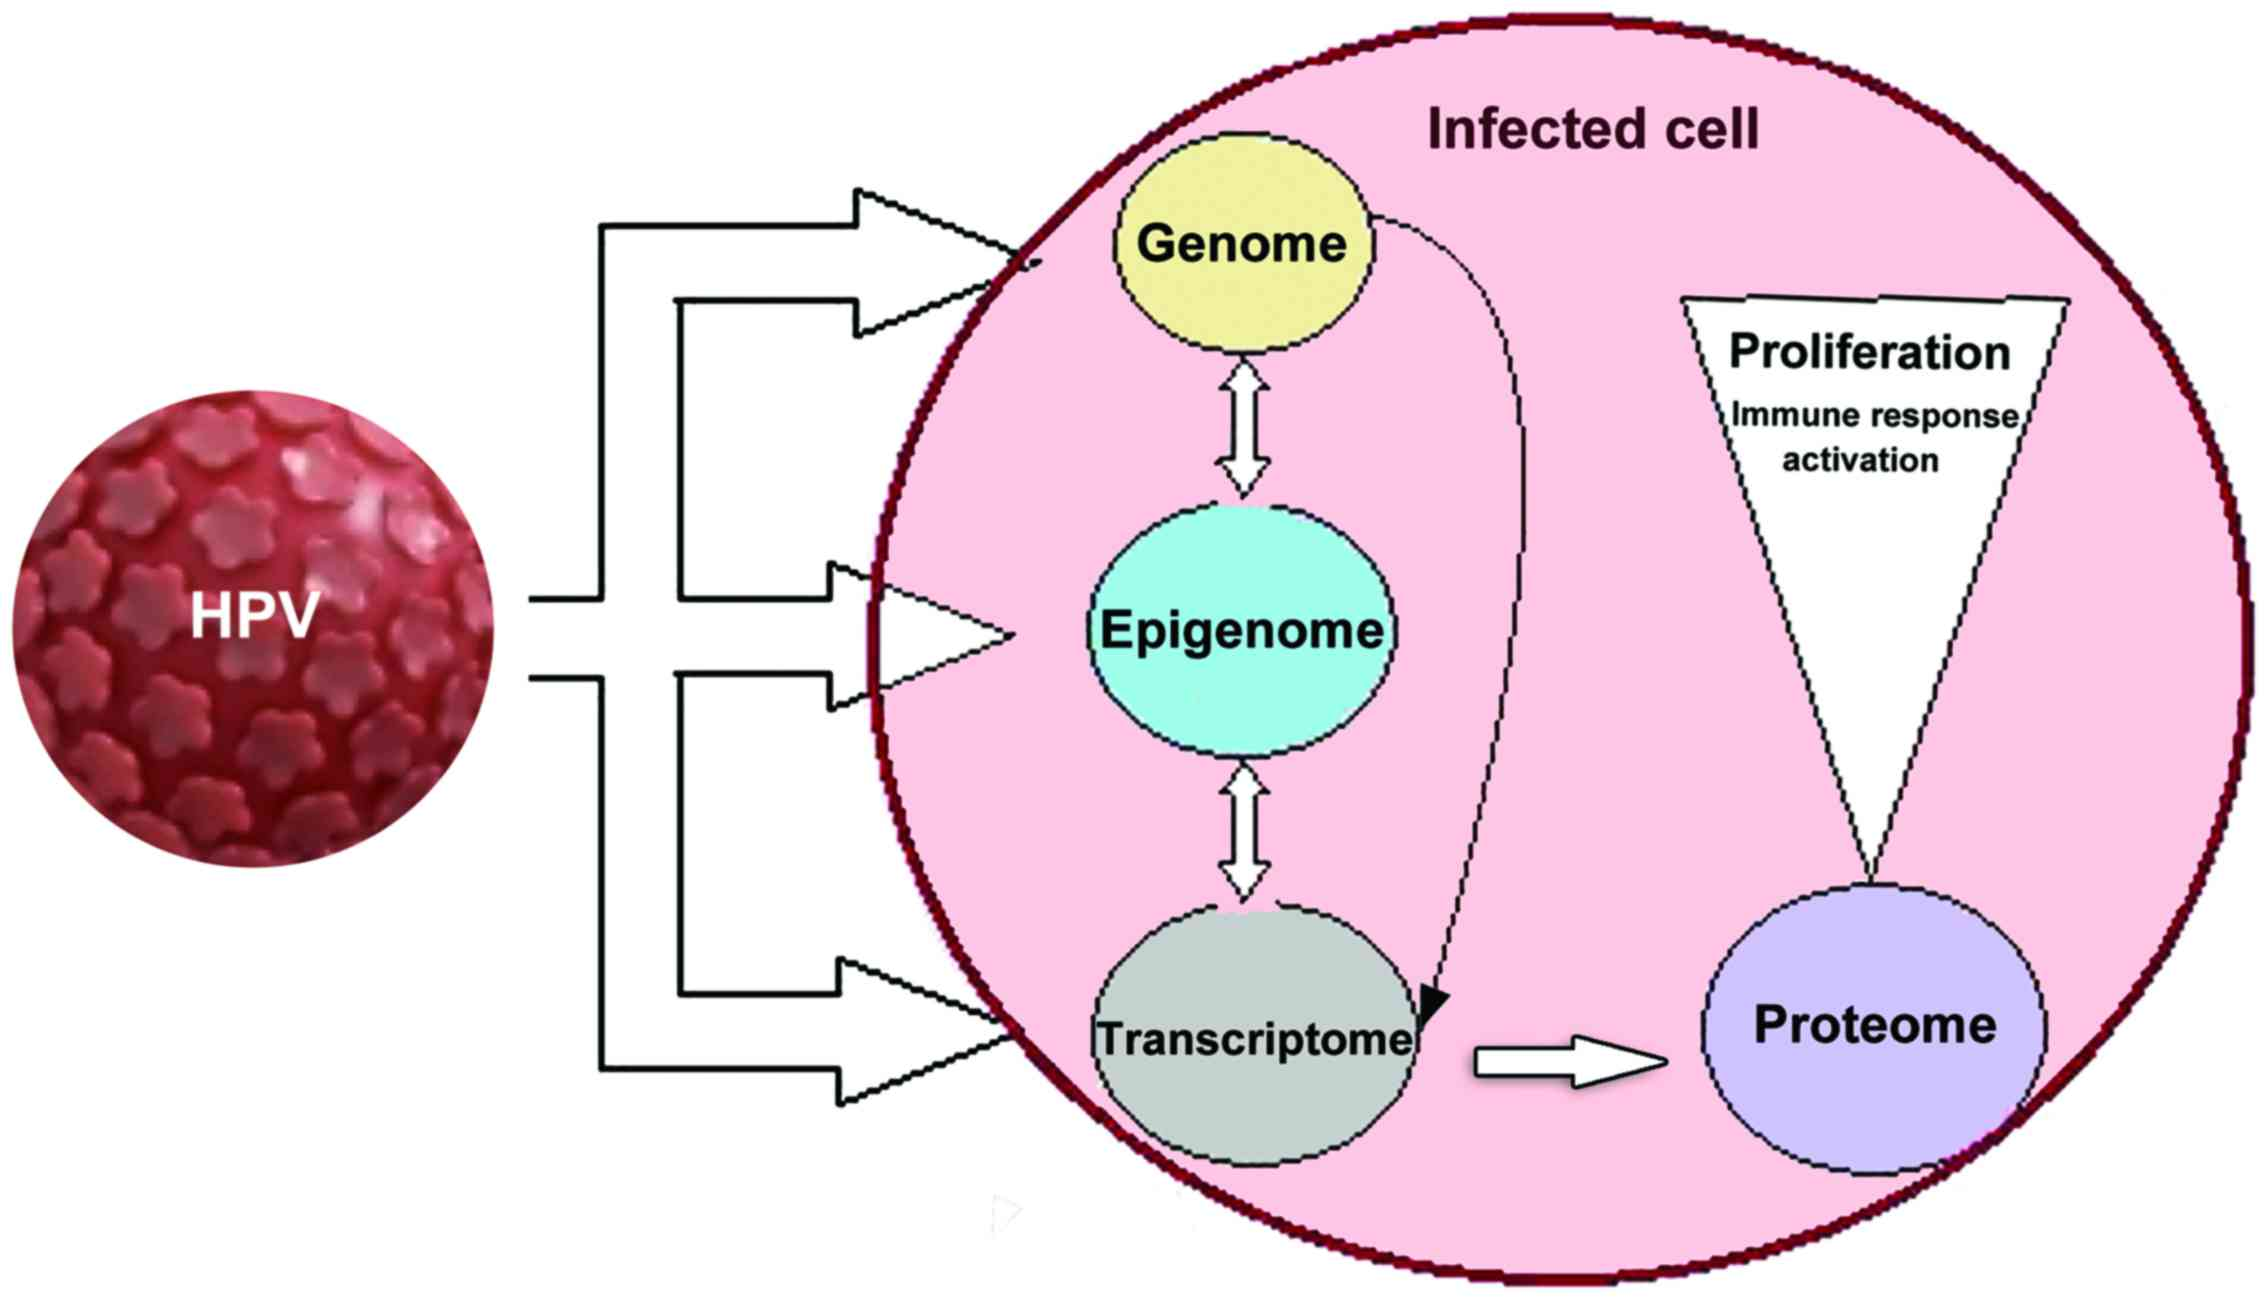 hpv humán papilloma vírus e6 e7 arnm